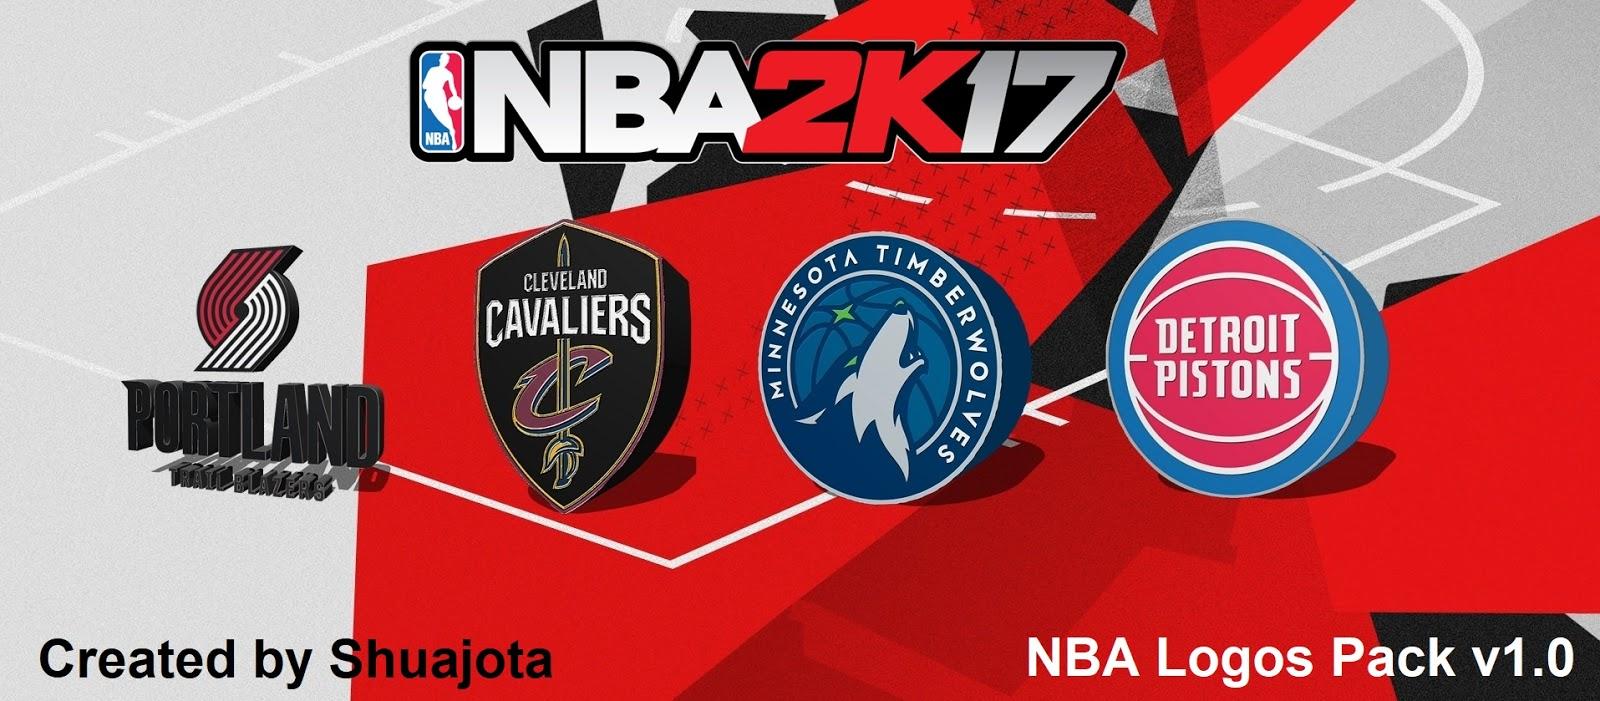 Nba logos 2018